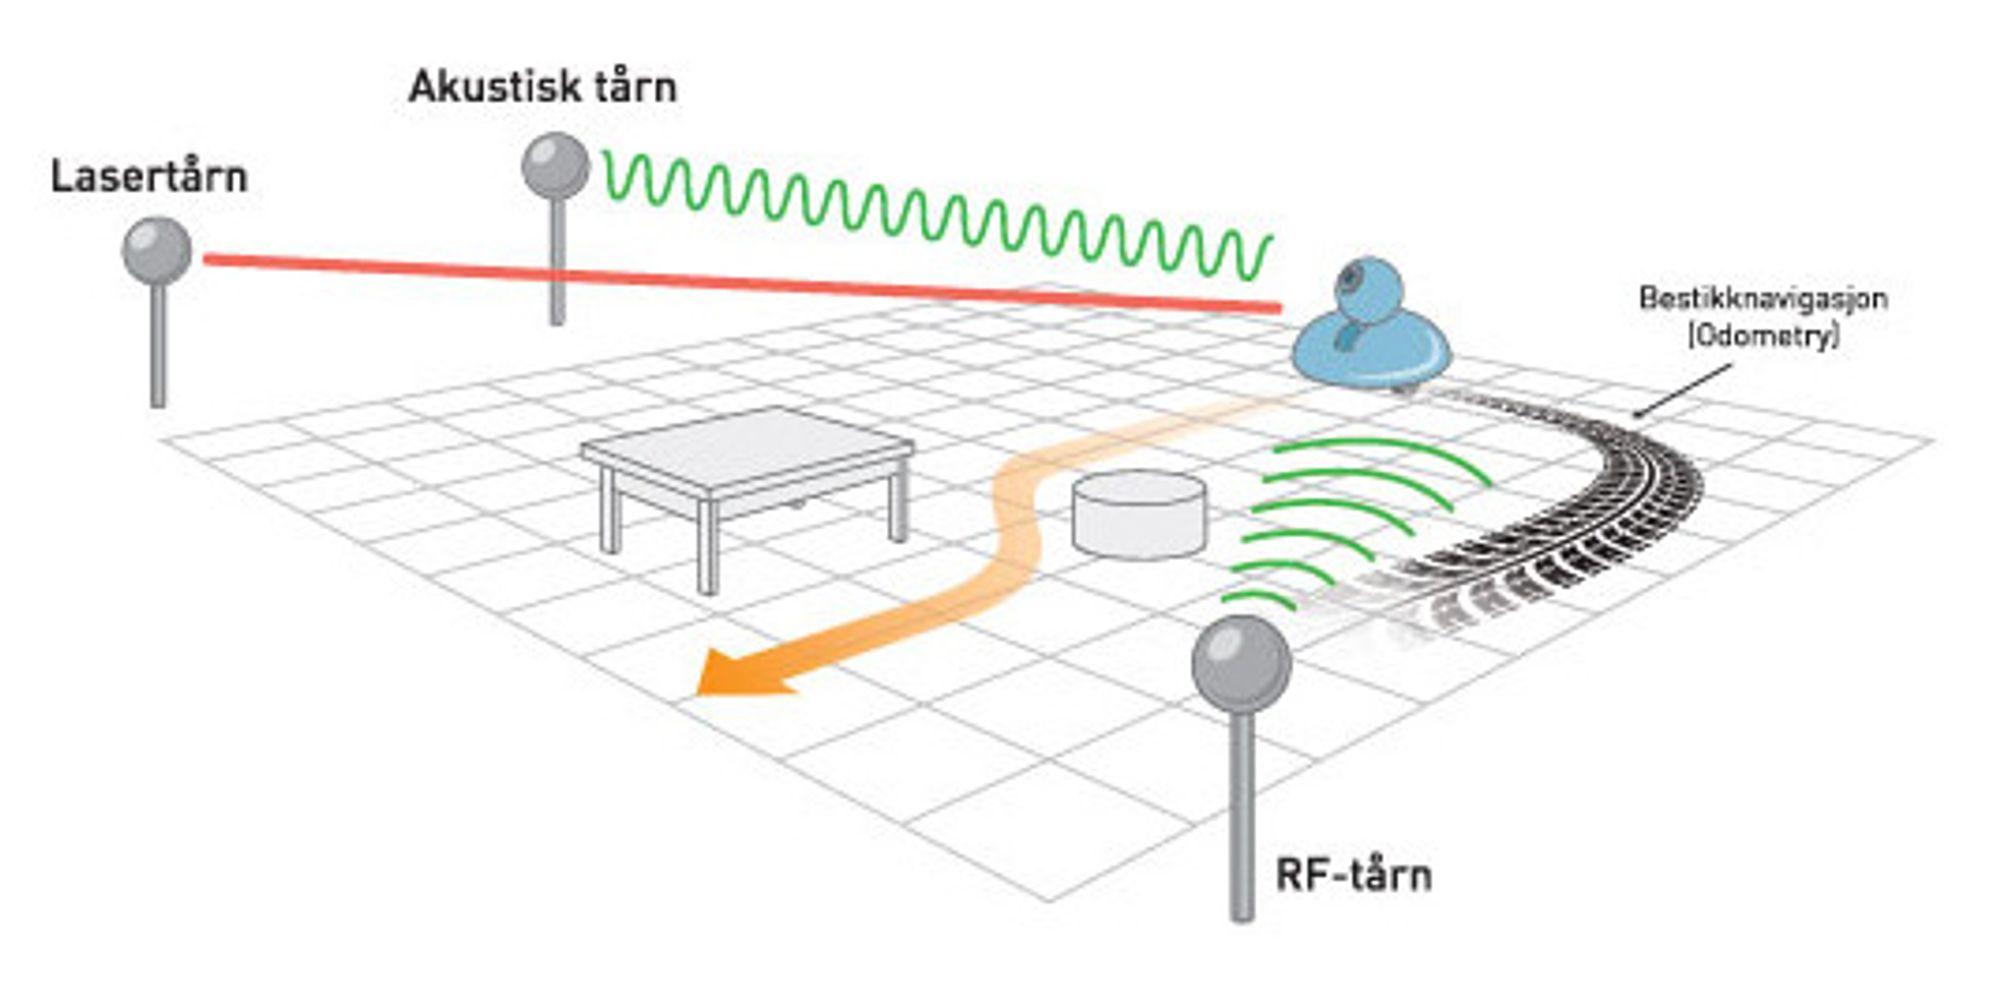 Inne i et rom kombineres gjerne ulike sensorsystemer med utfyllende egenskaper. Man kan for eksempel sette sammen et radiosystem og såkalte akustiske tårn som sender og mottar signaler, samt feste treghetssensor og kamera på selve roboten.